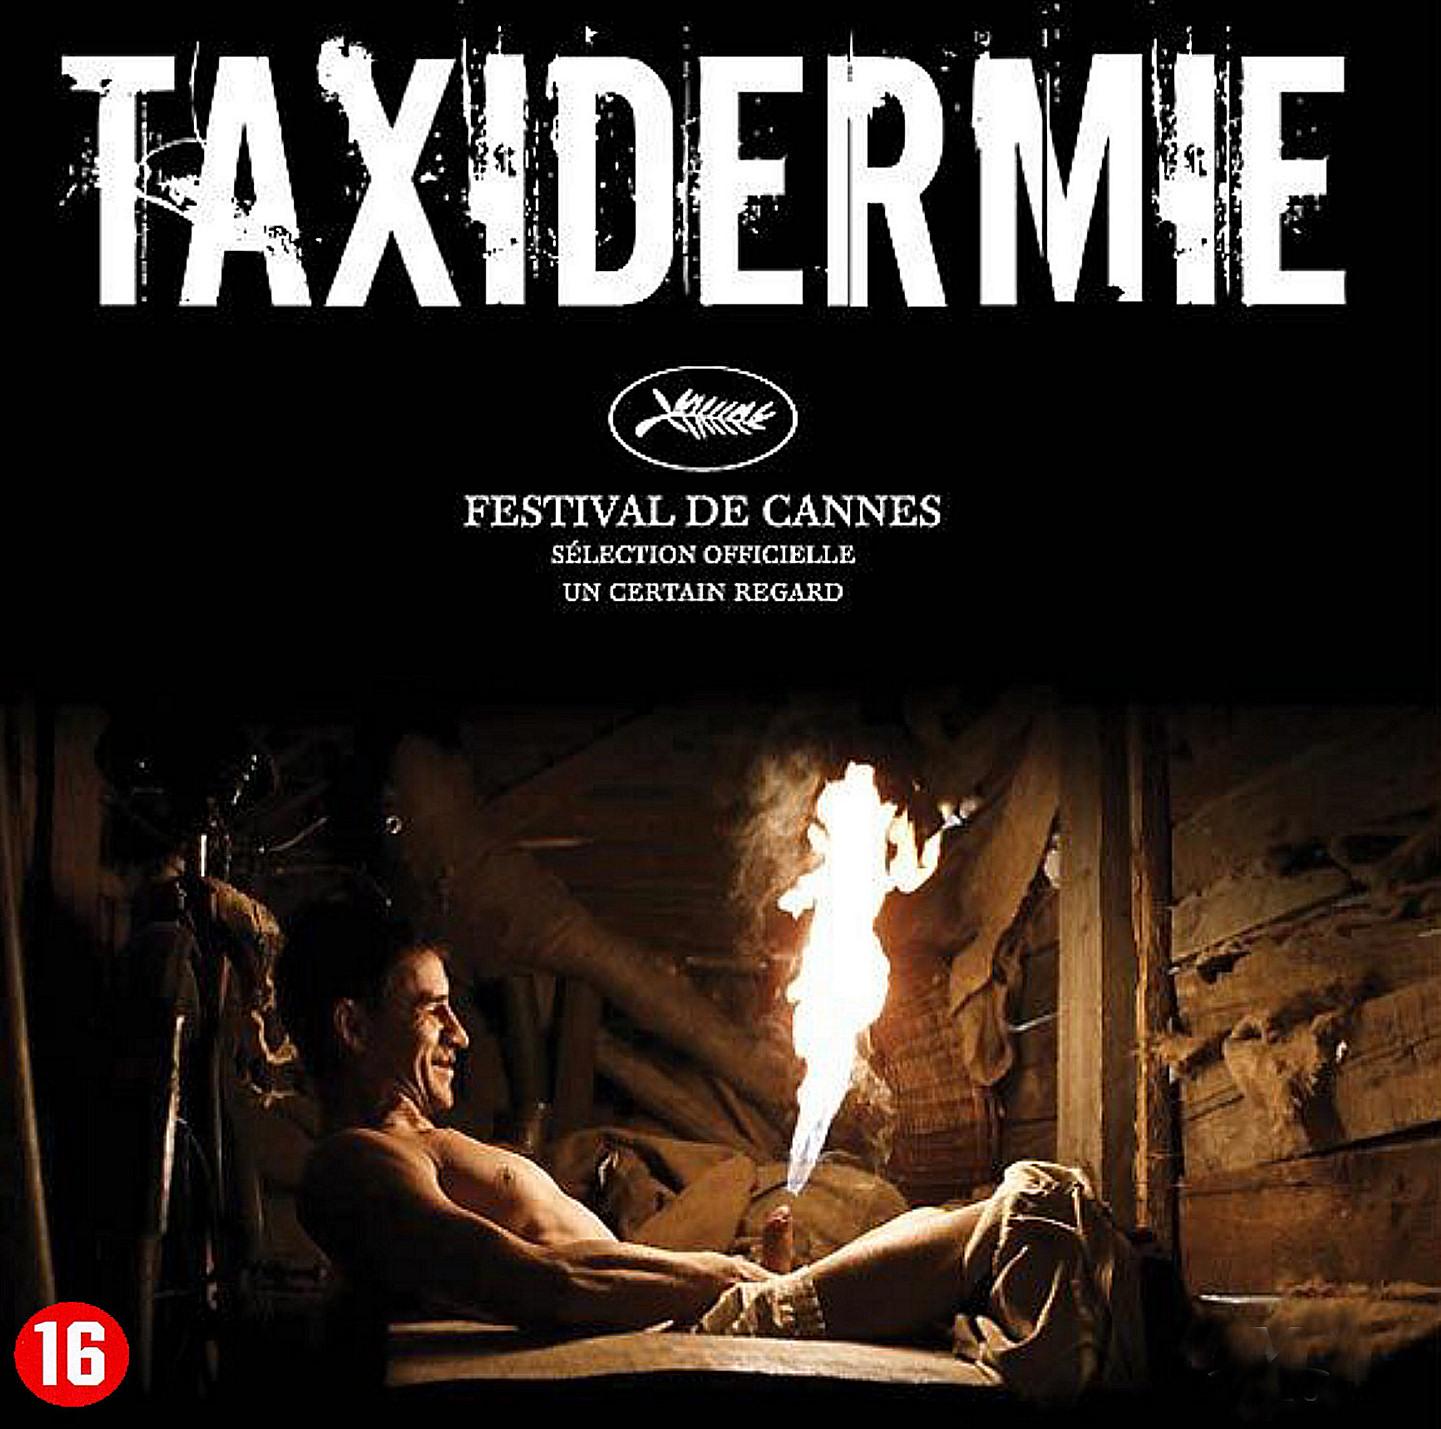 taxidermie film